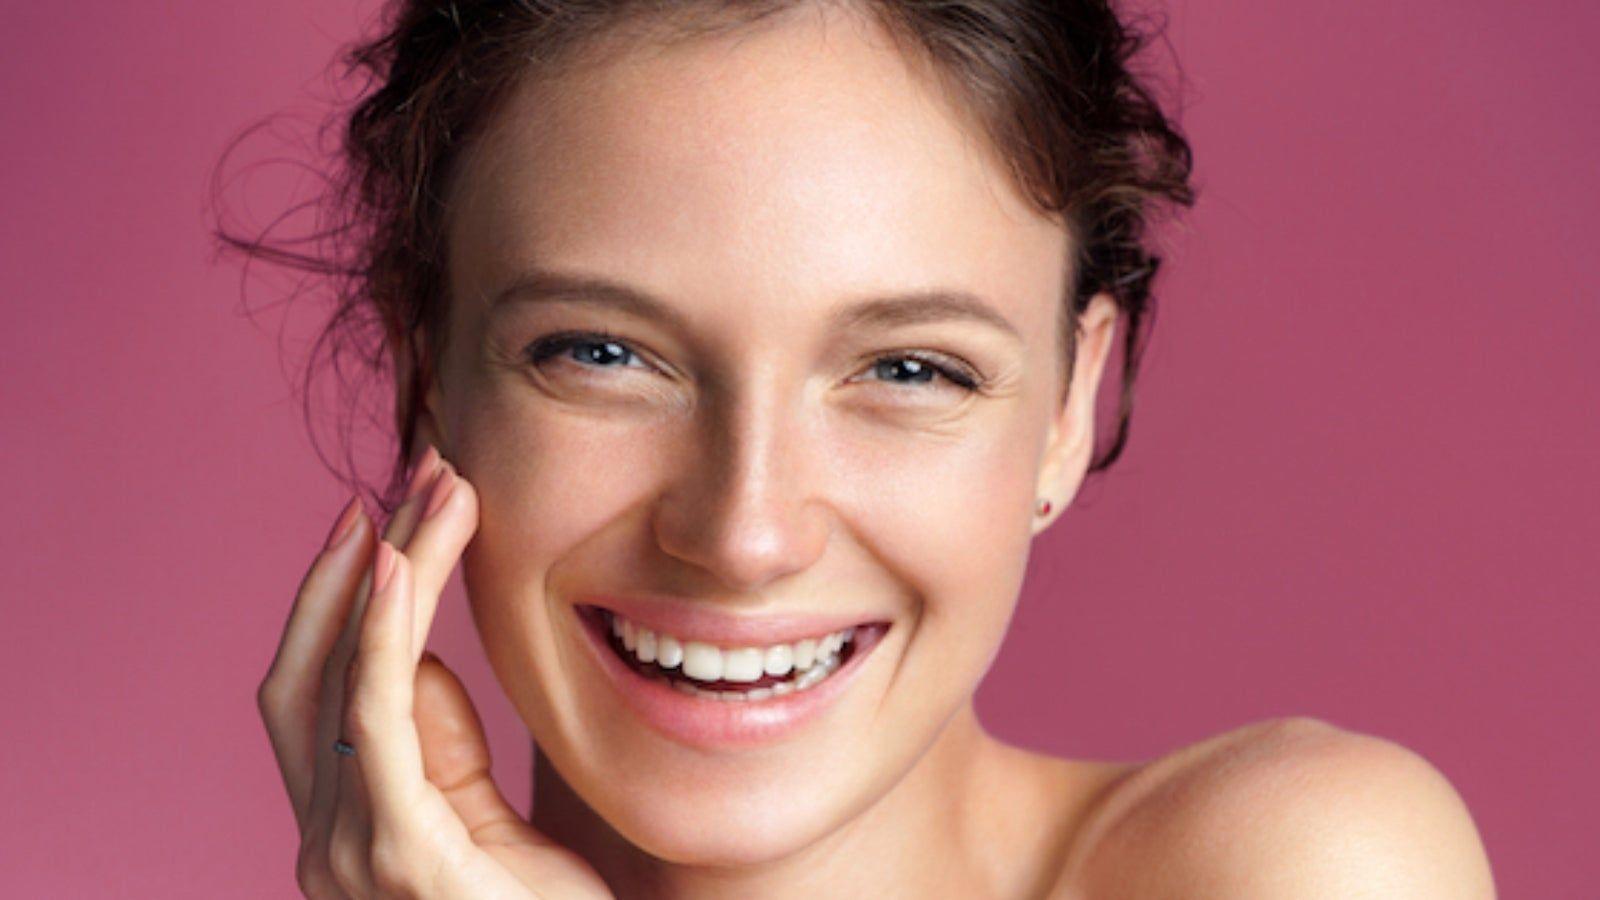 نصائح طبيعية لإخفاء تجاعيد محيط الفم